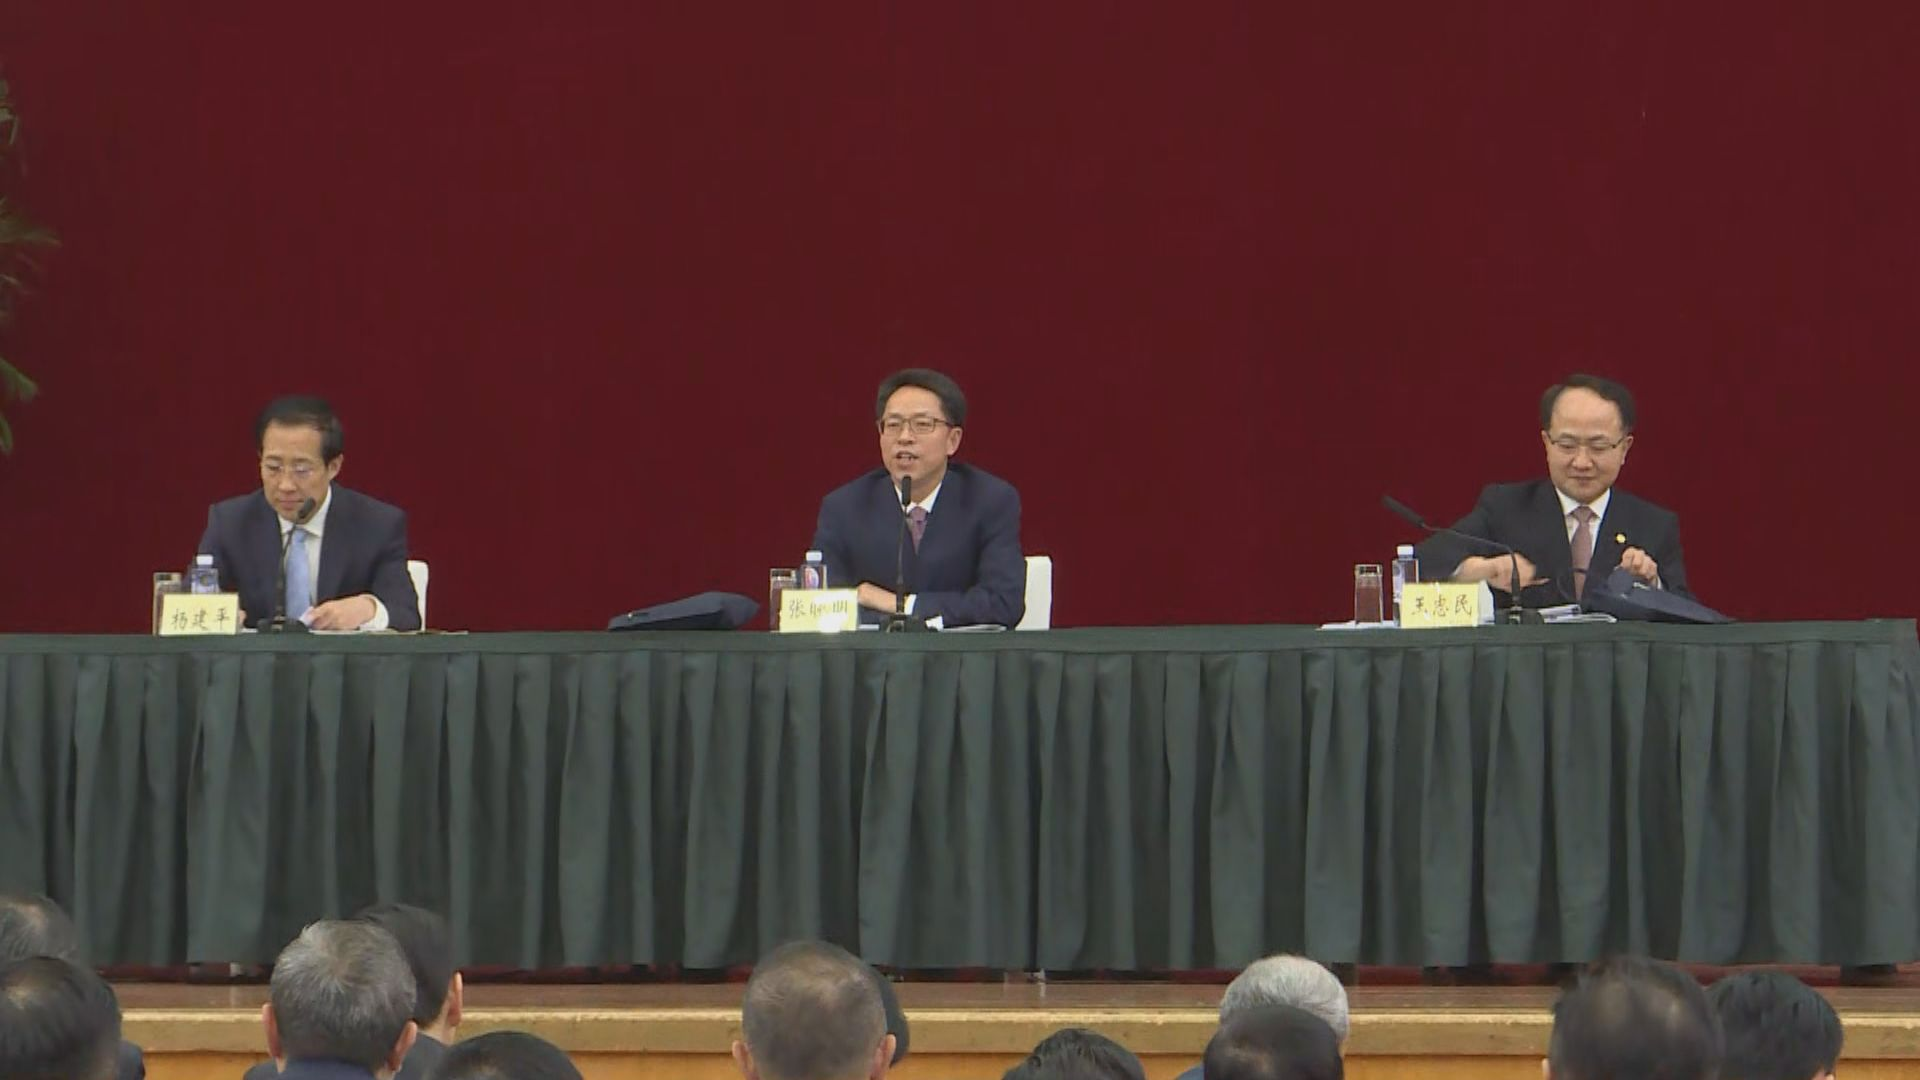 張曉明:香港正面臨回歸以來最嚴峻局面